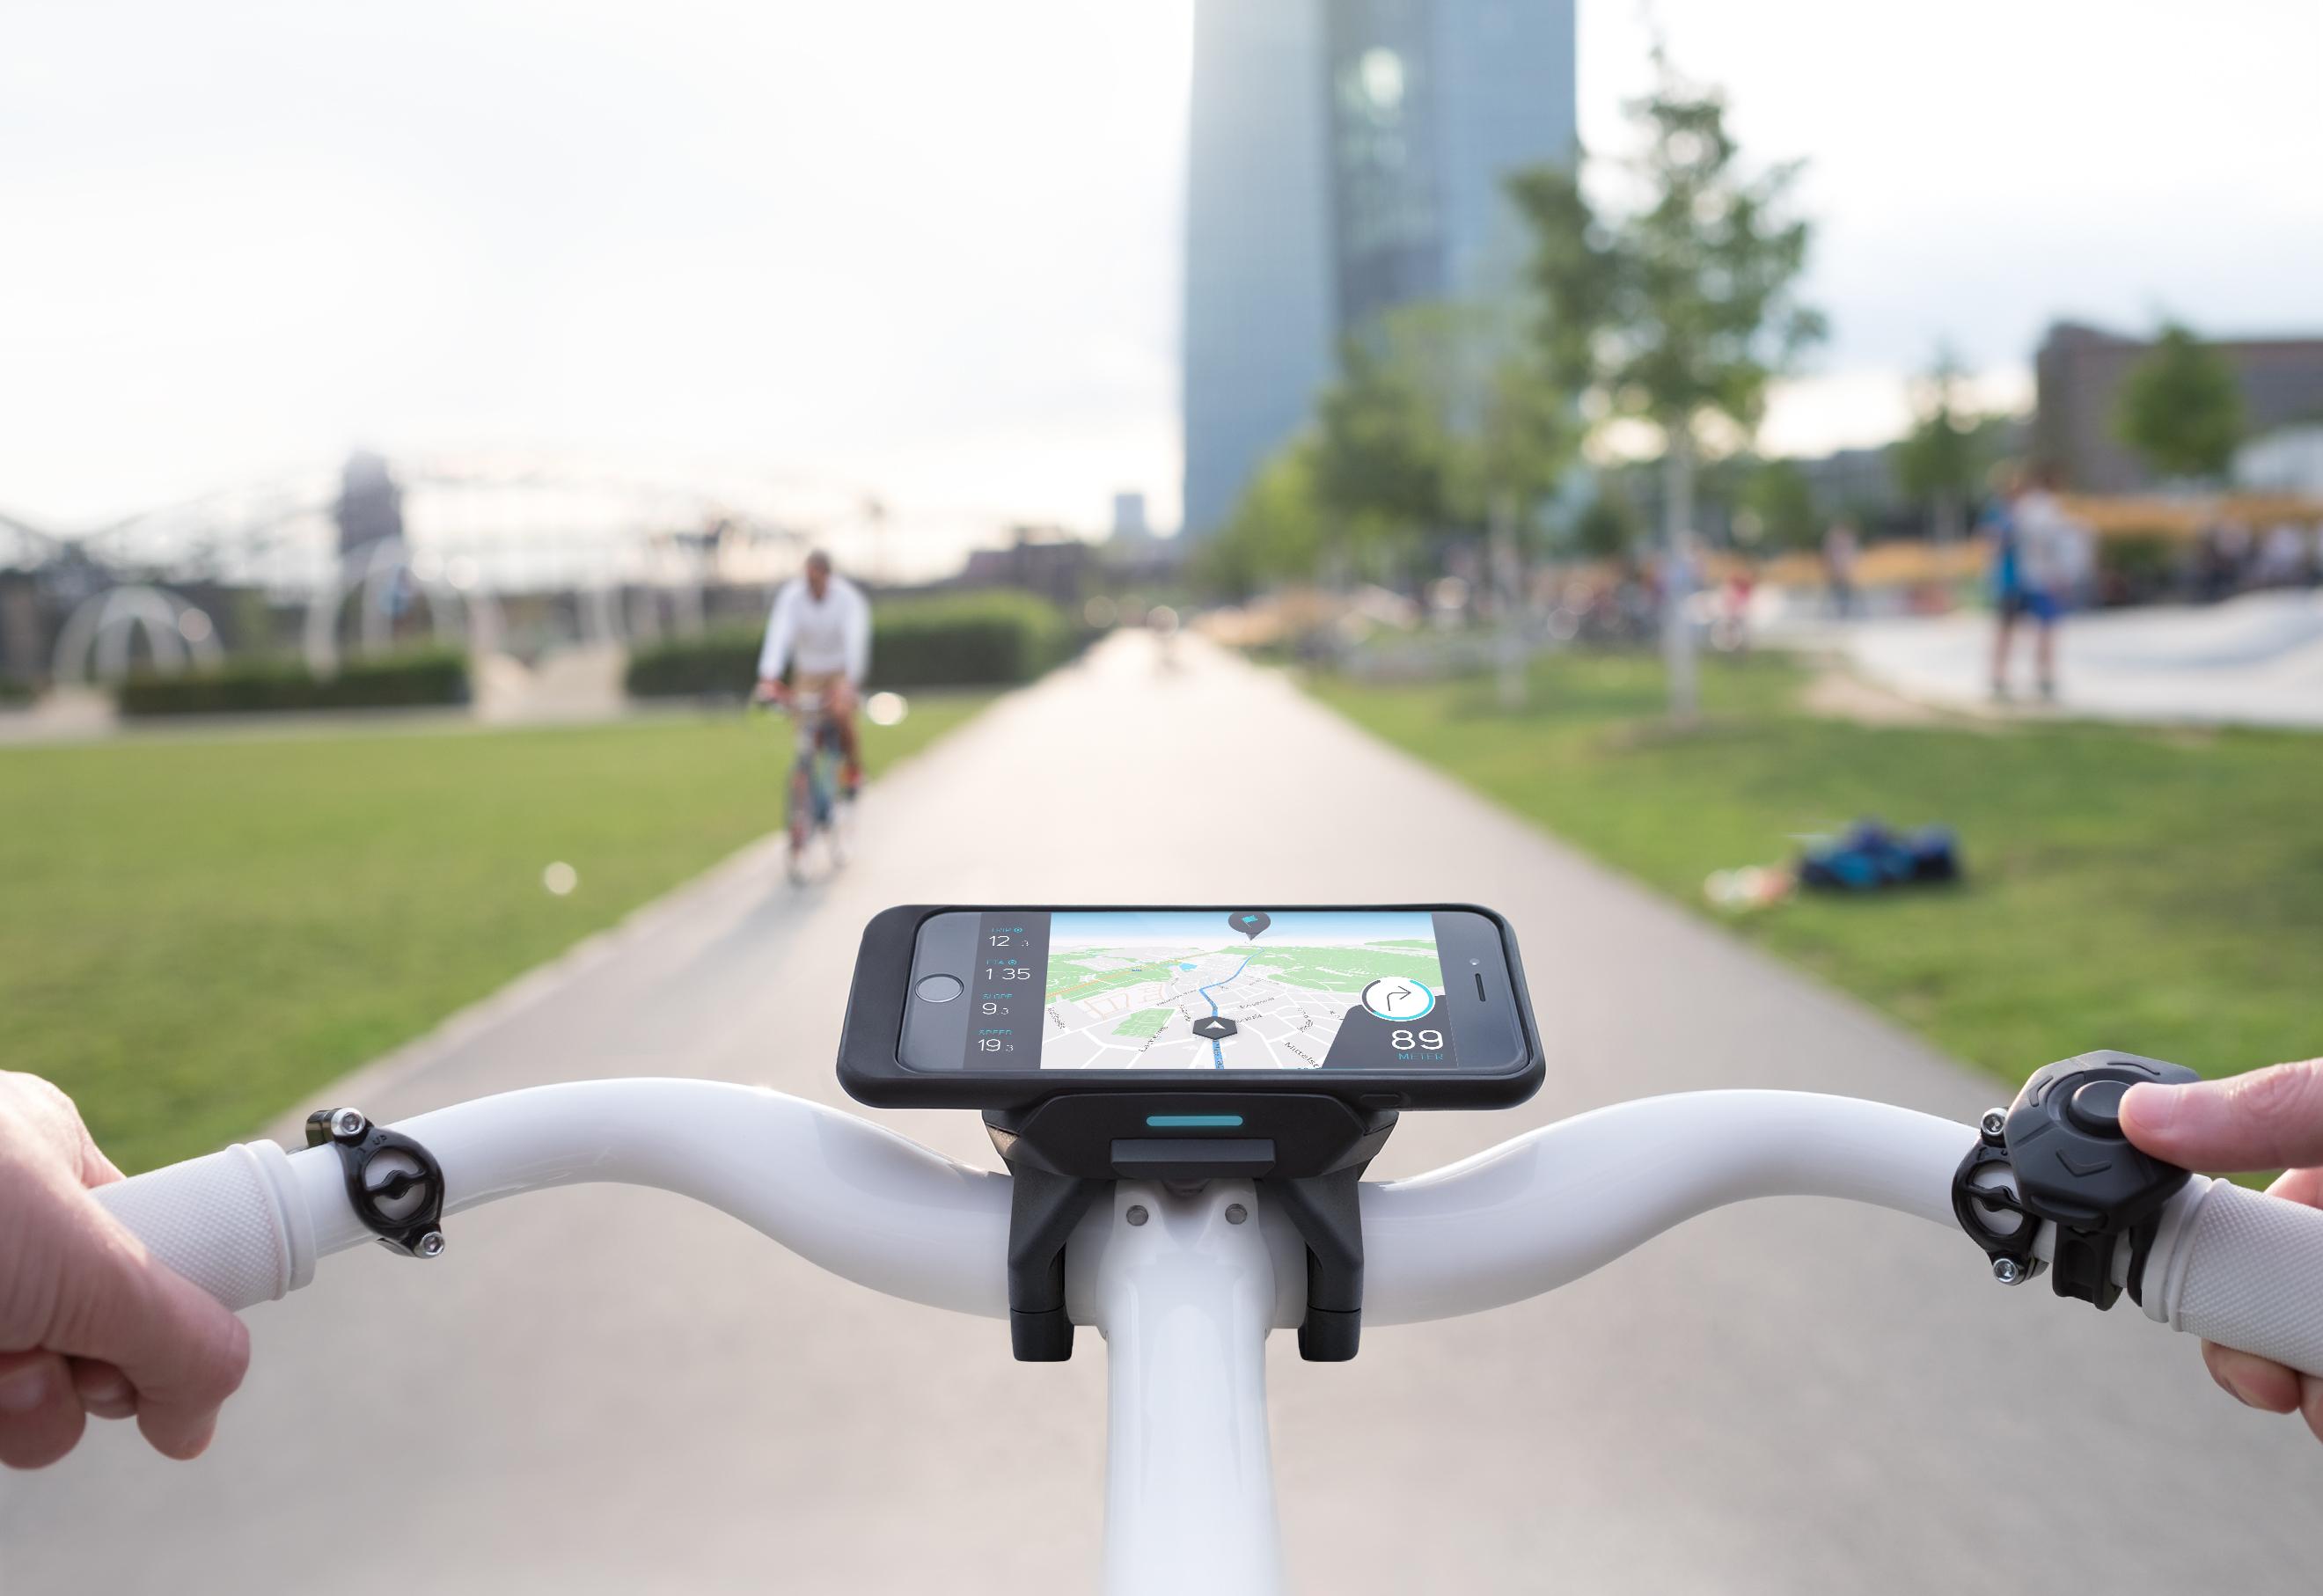 Het Cobi.Bike systeem verbindt fietsers tijdens het rijden met vrienden, maakt het mogelijk muziekapps zoals Spotify te bedienen, biedt een koppeling met gespecialiseerde appservices zoals komoot of Strava en integreert bluetooth fitnesssensoren of hoofdtelefoons.